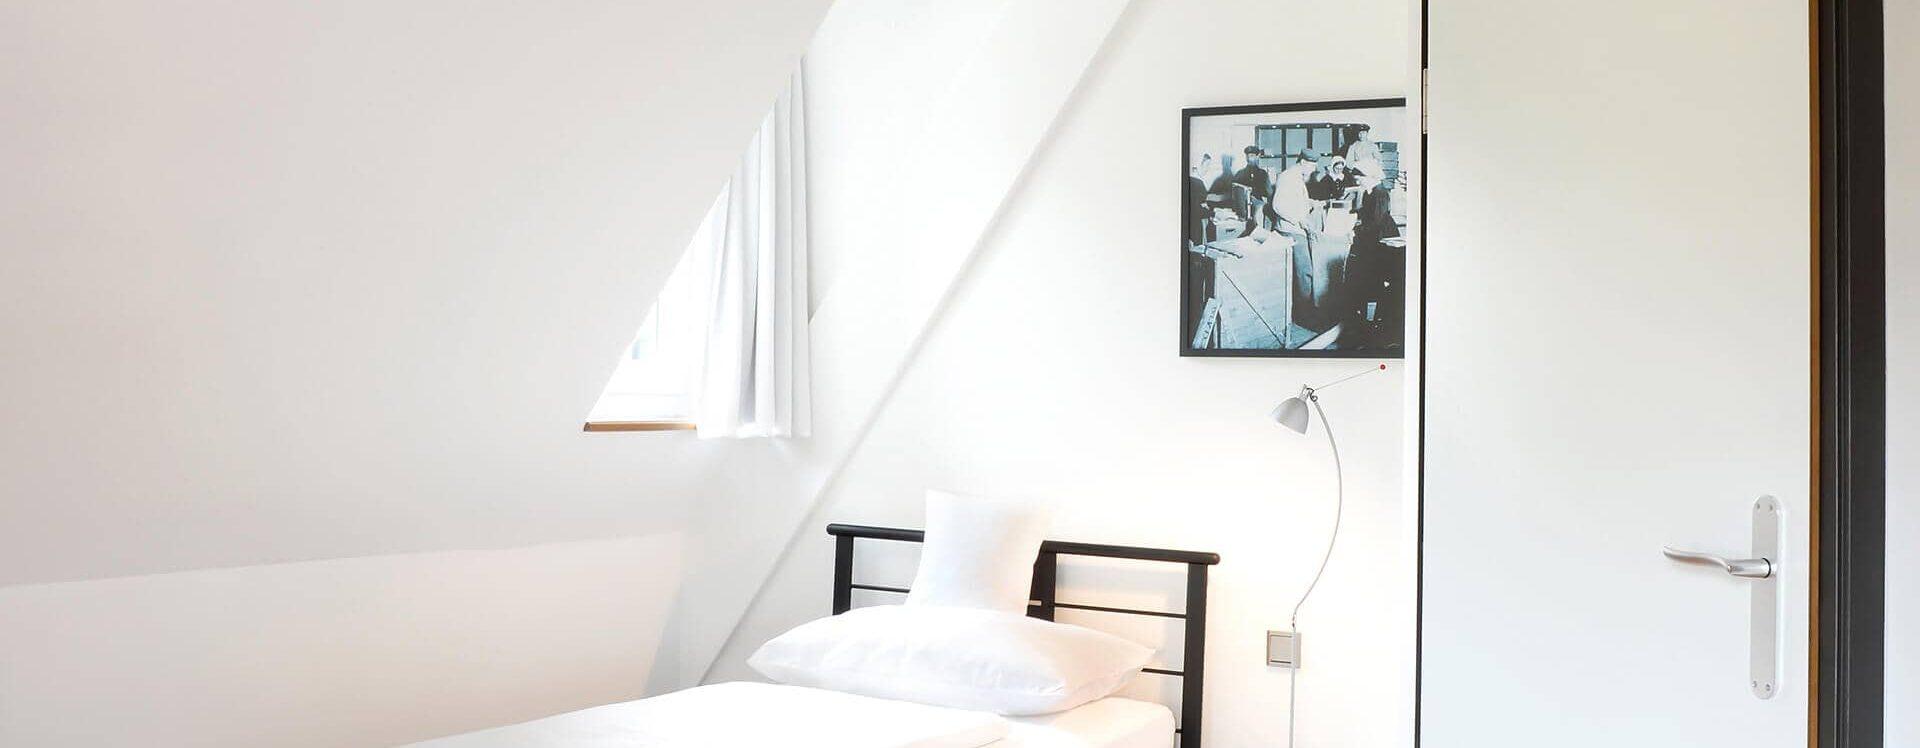 Hotelzimmer Düsseldorf - Einzelzimmer Economy